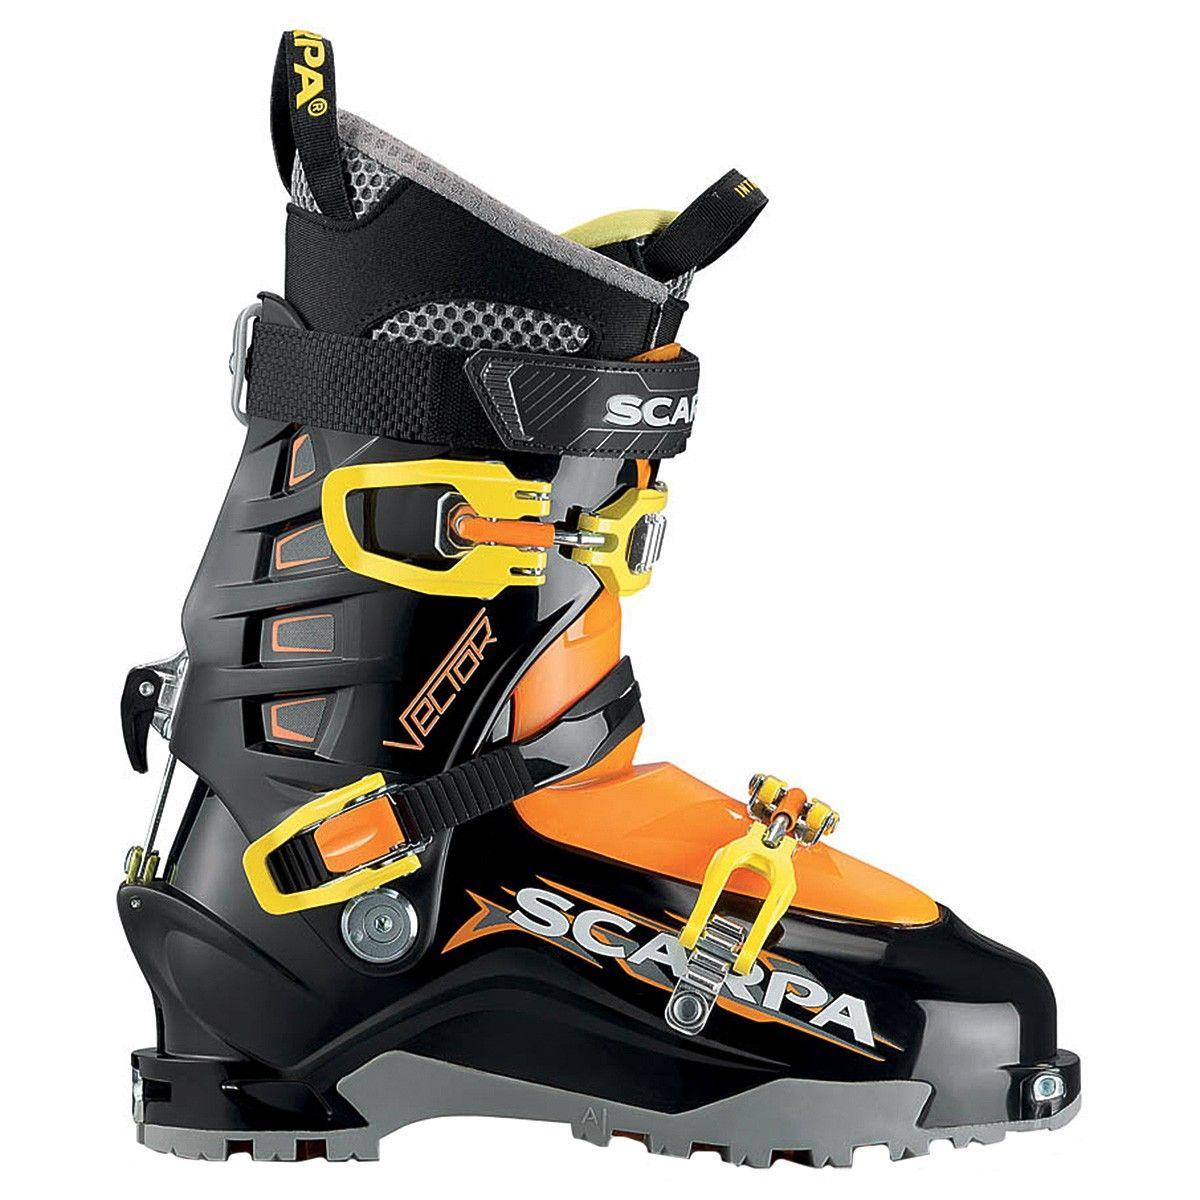 Scarponi da sci alpinismo  vasto assortimento online delle migliori ... 99d2d955de7